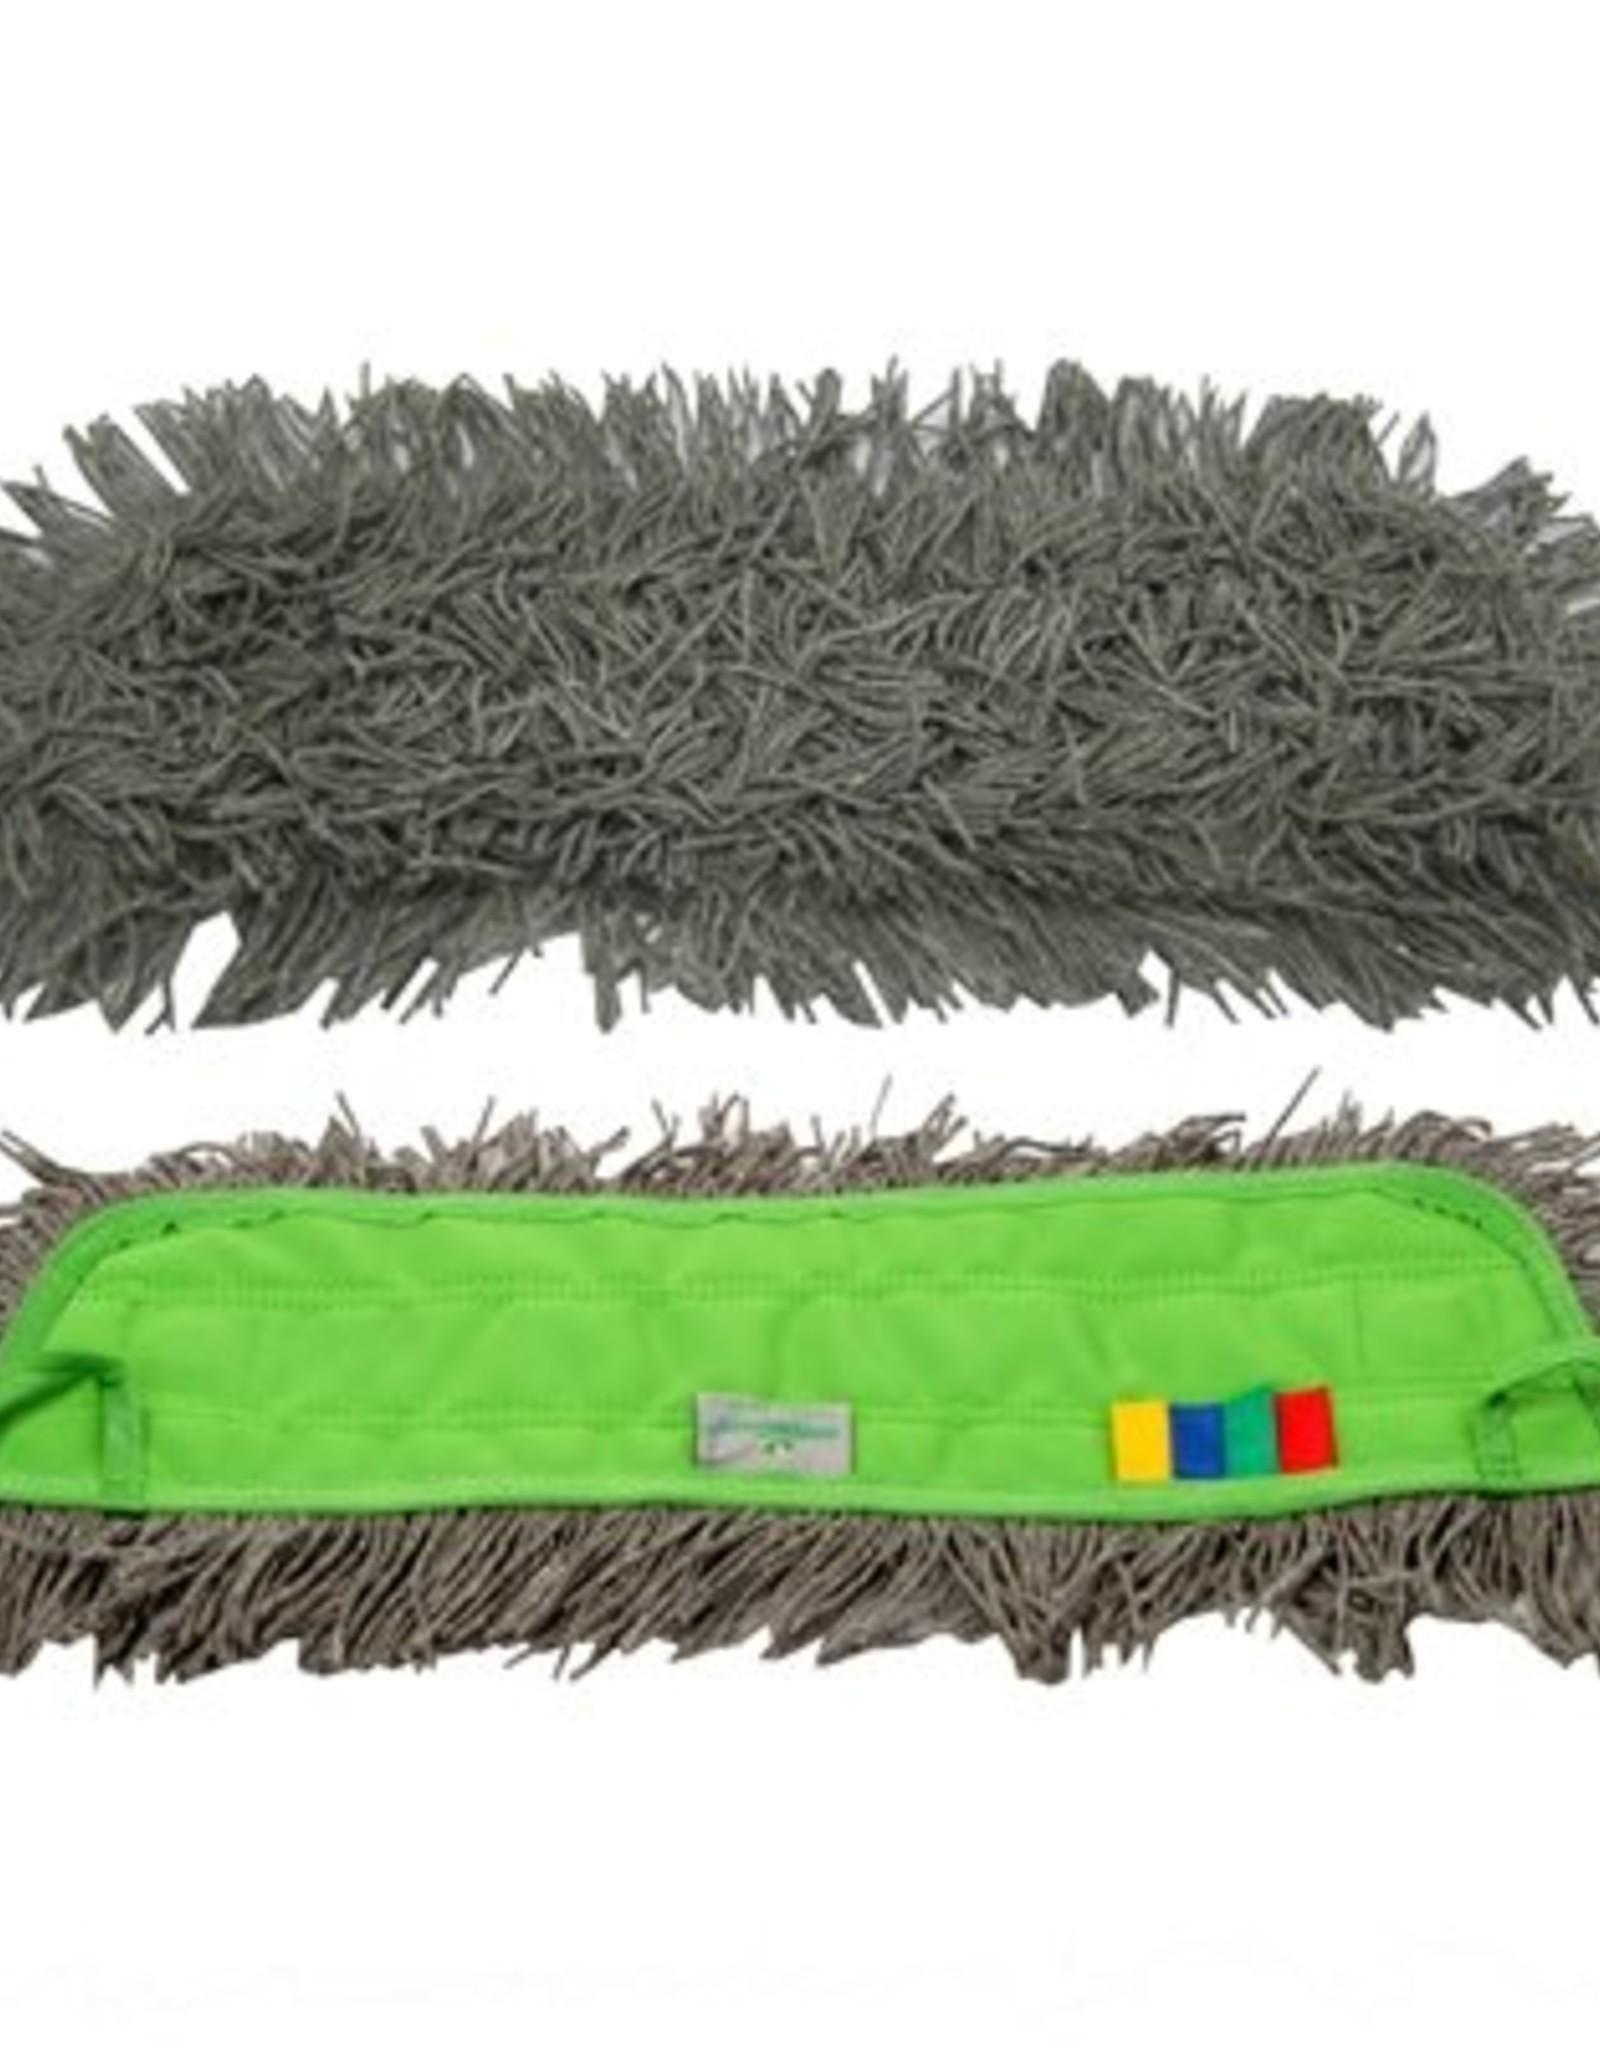 Greenspeed Click 'm mop allround voor stofwissen en lichtvochtig dweilen.